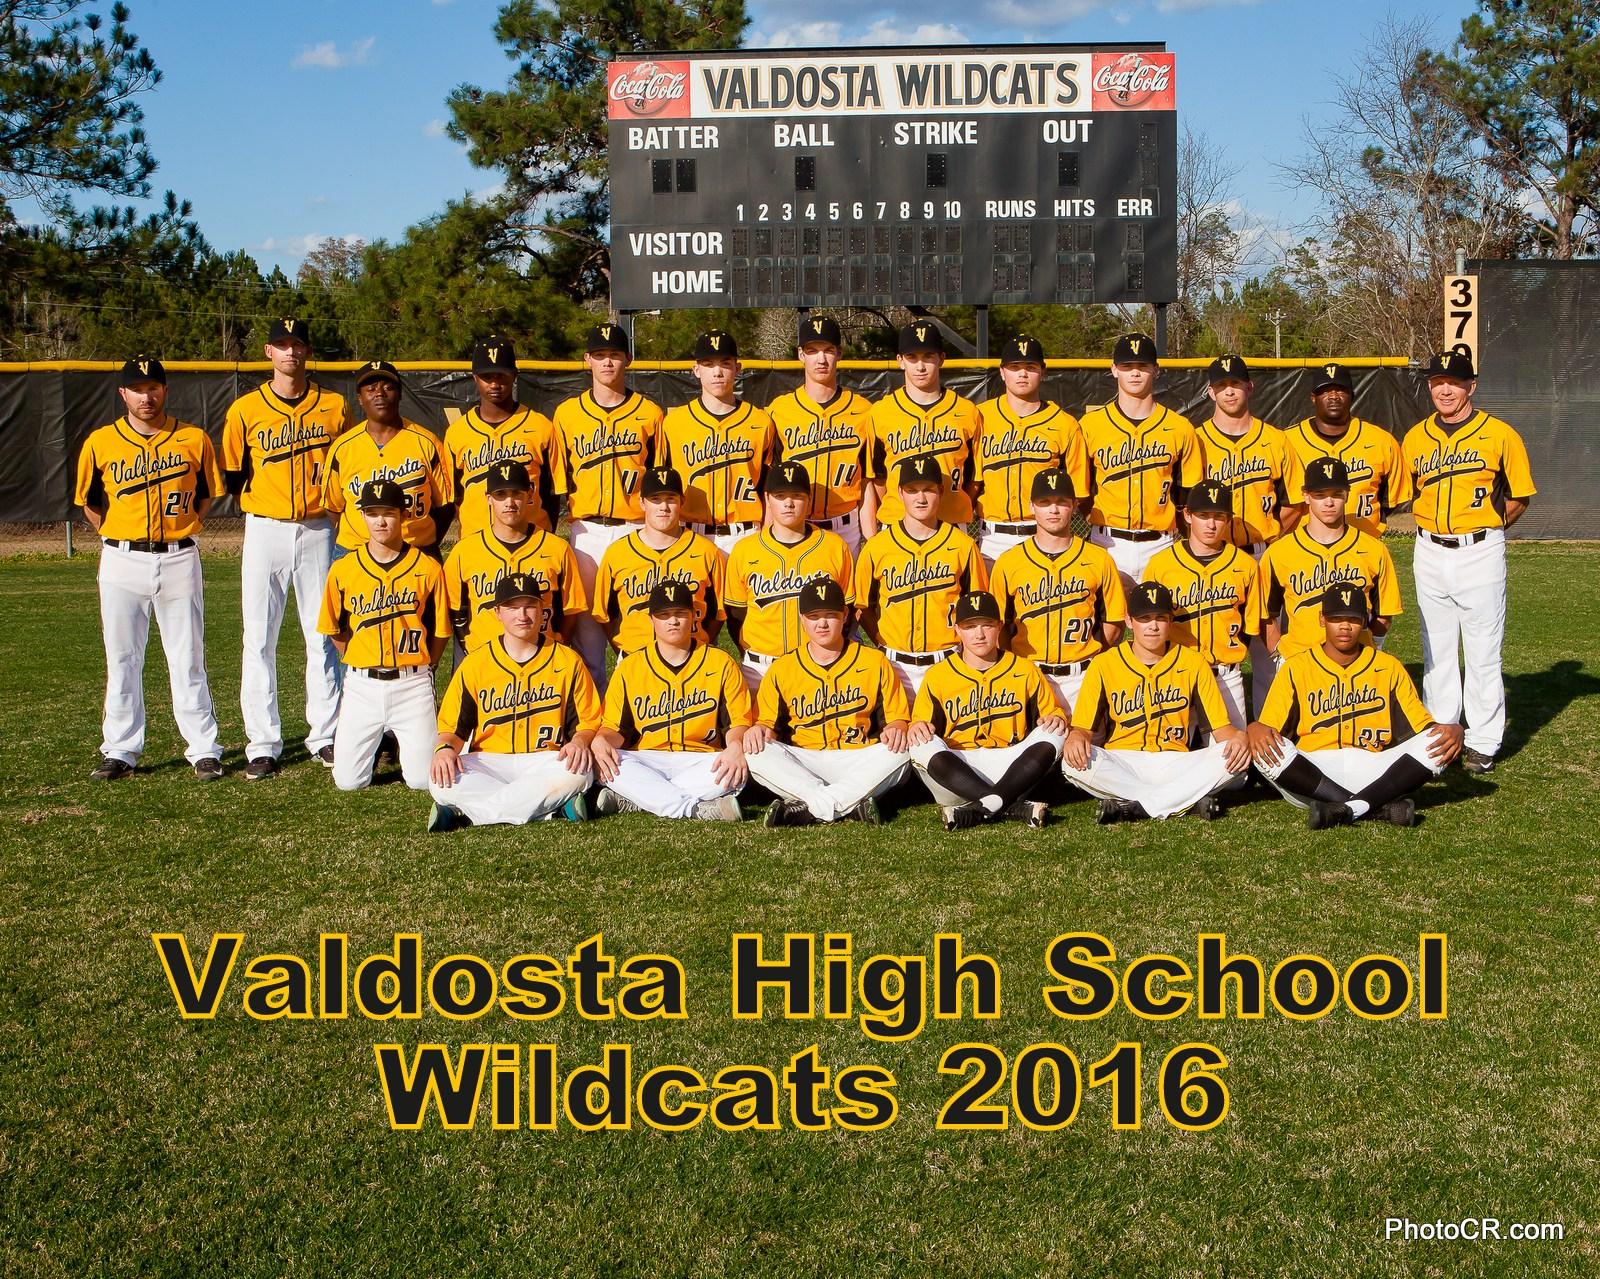 2017 VHS Wildcat Baseball Team